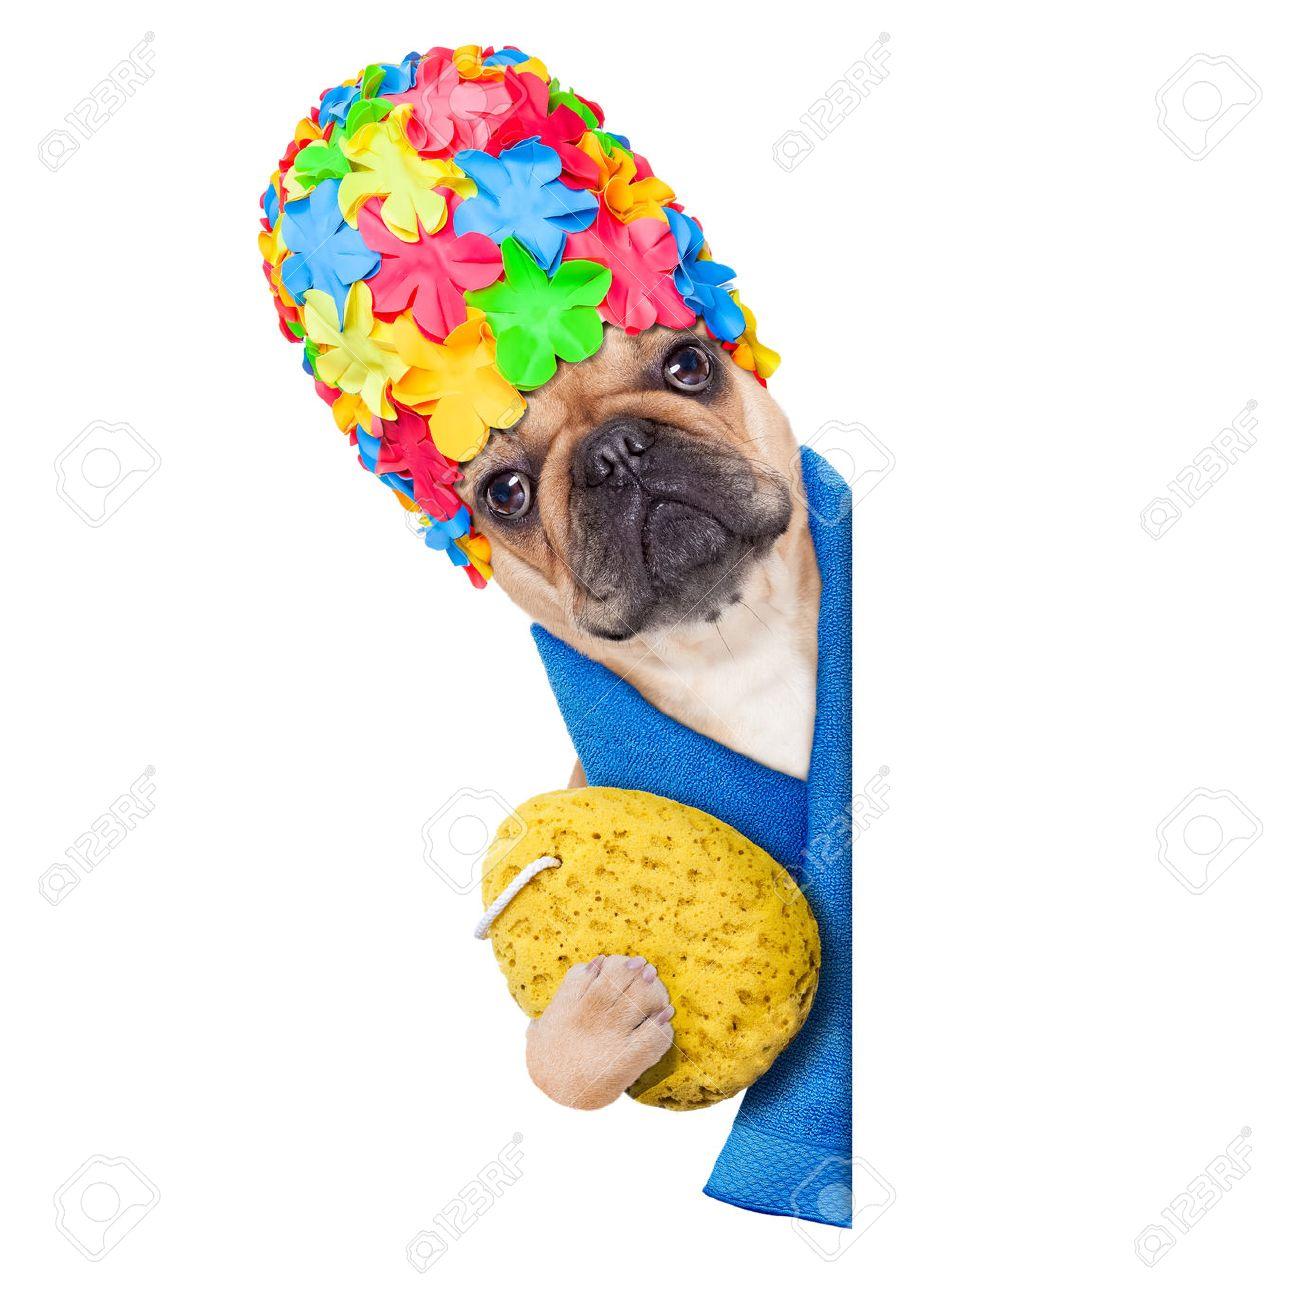 archivio fotografico cane bulldog francese pronto a fare un bagno o una doccia indossando una cuffia in possesso di una spugna accanto a una bandiera